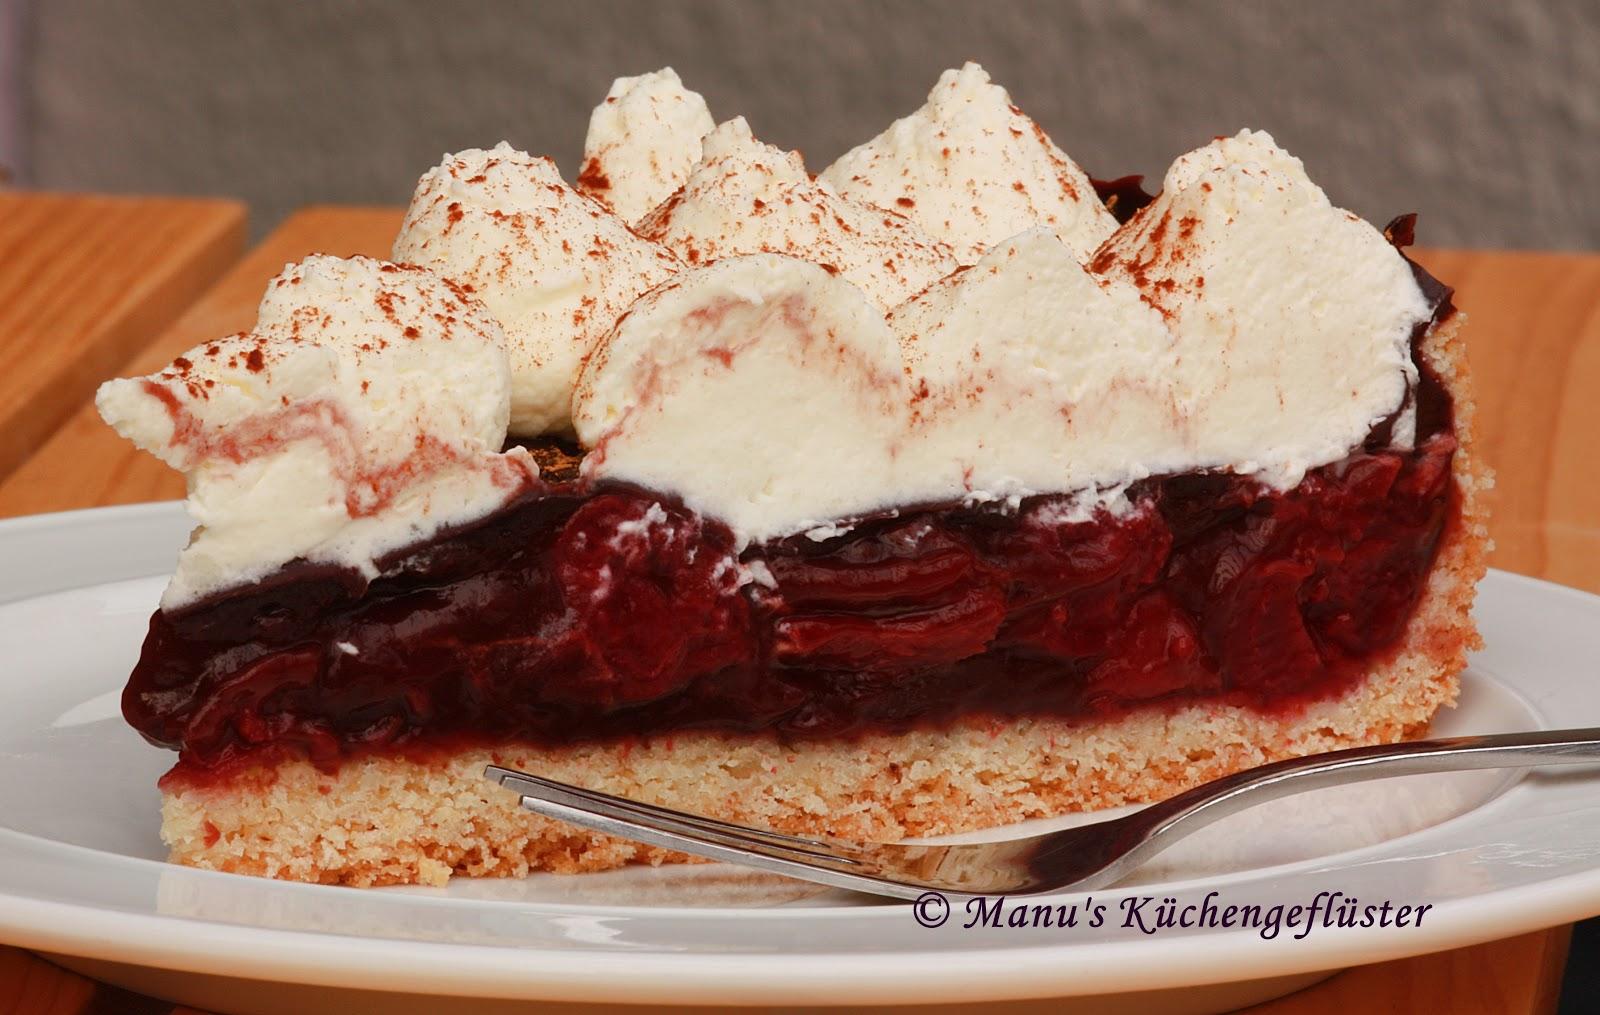 Manus Kuchengefluster Rotwein Kirschkuchen